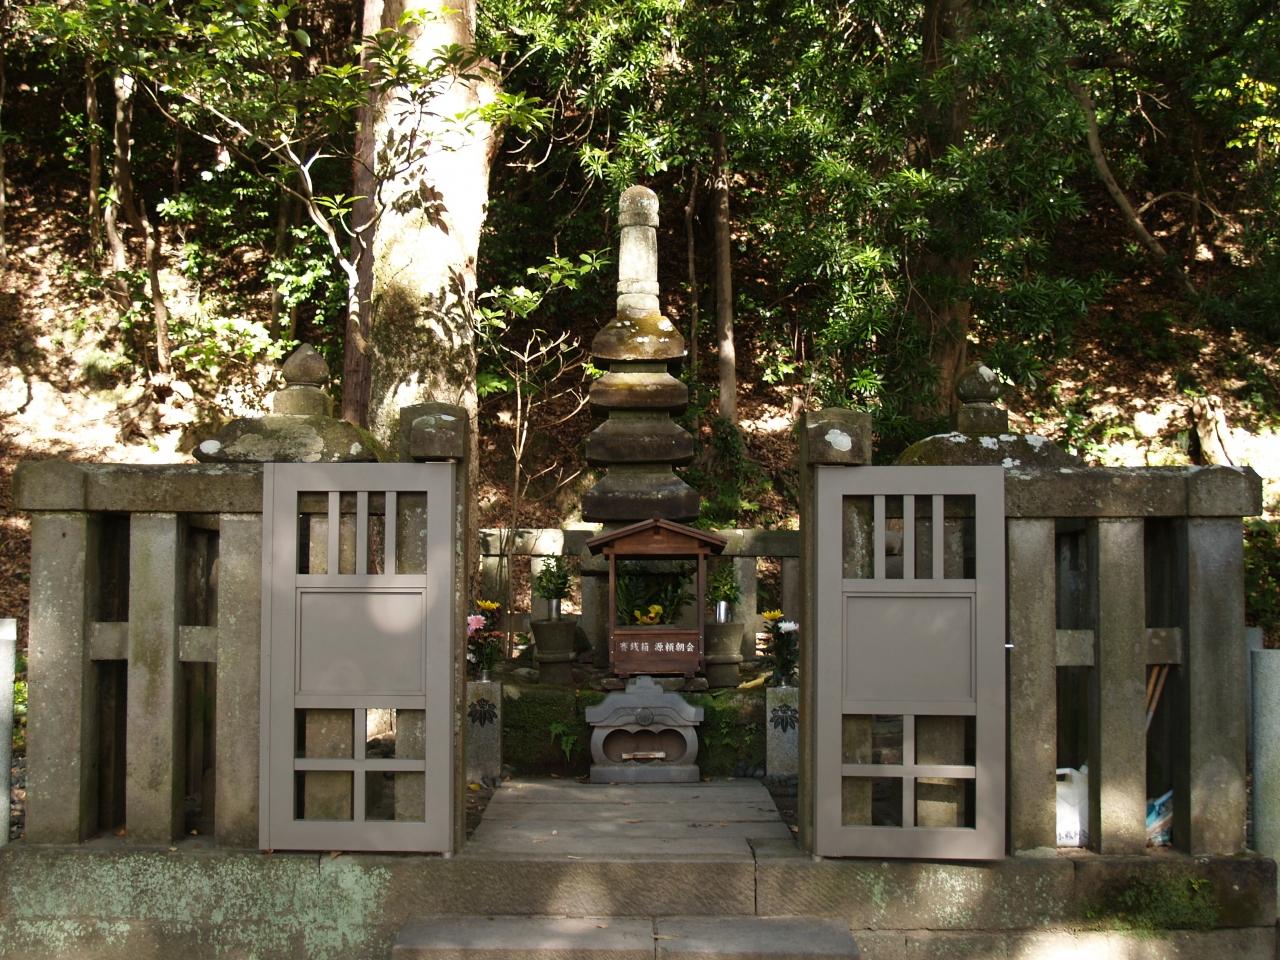 鎌倉市西御門にある源頼朝の墓は後世に作られた